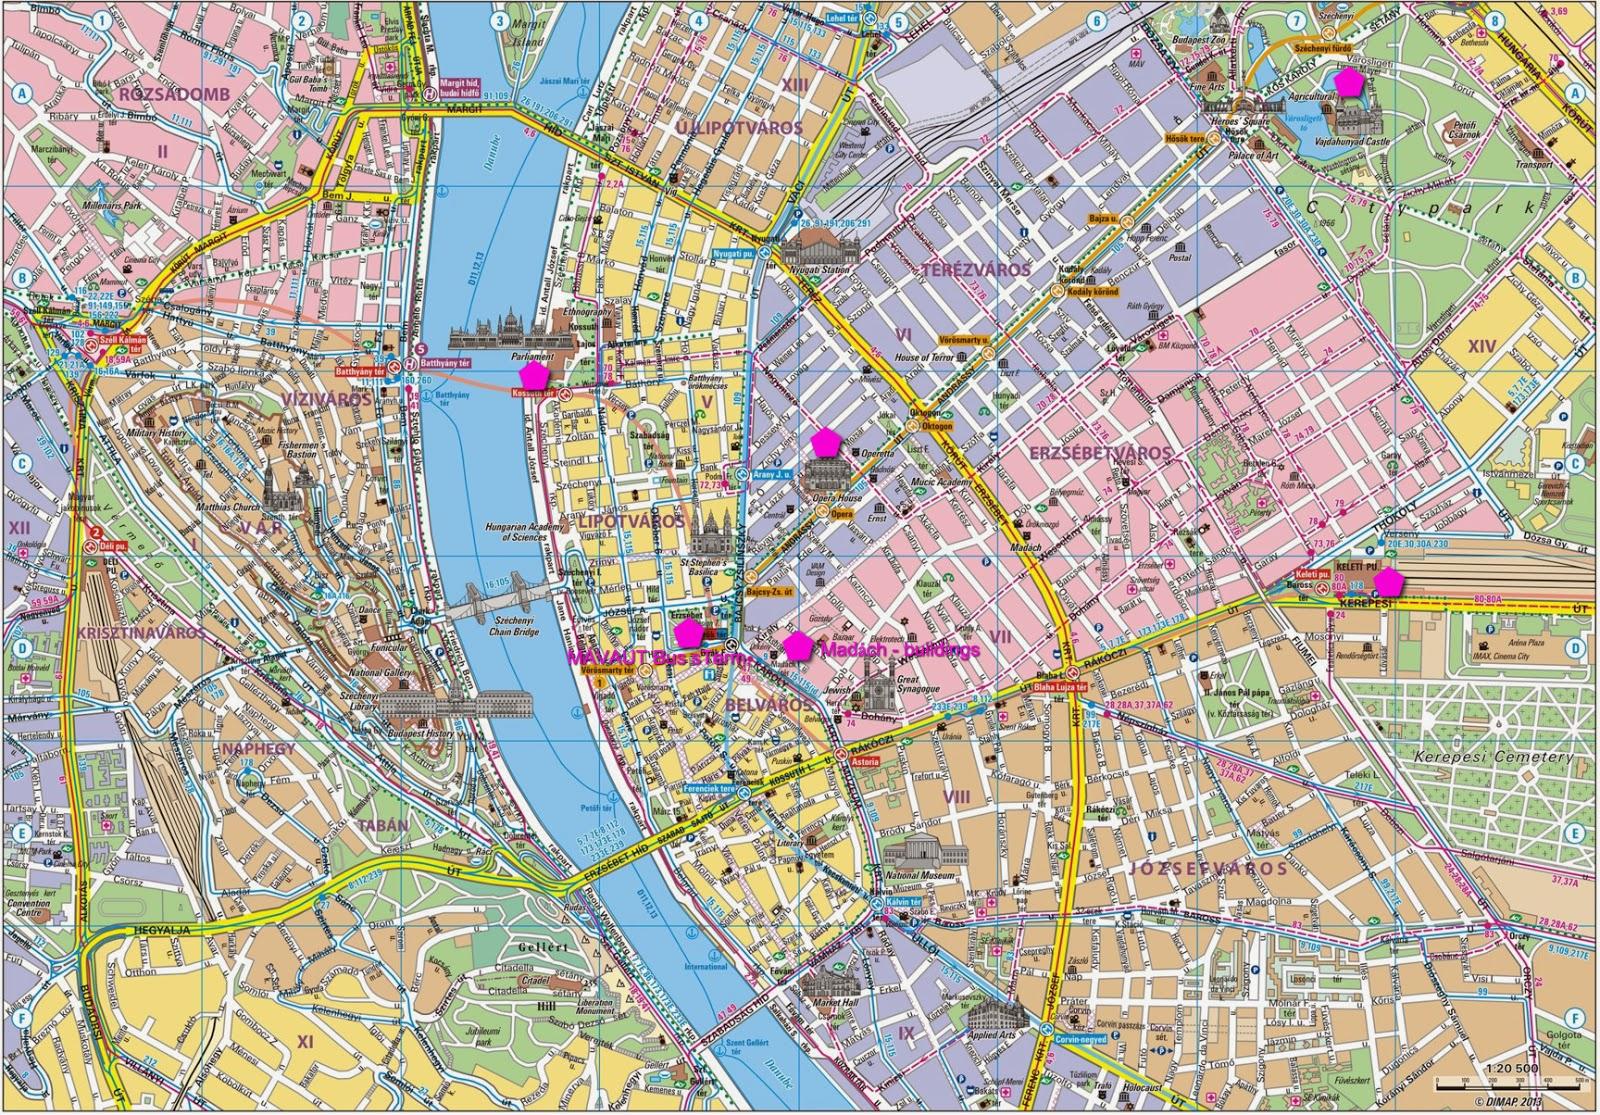 magyarország térkép 1980 Sextant Blog: 115.) Lemezjátékok   1. rész: KRESz pálya retro  magyarország térkép 1980